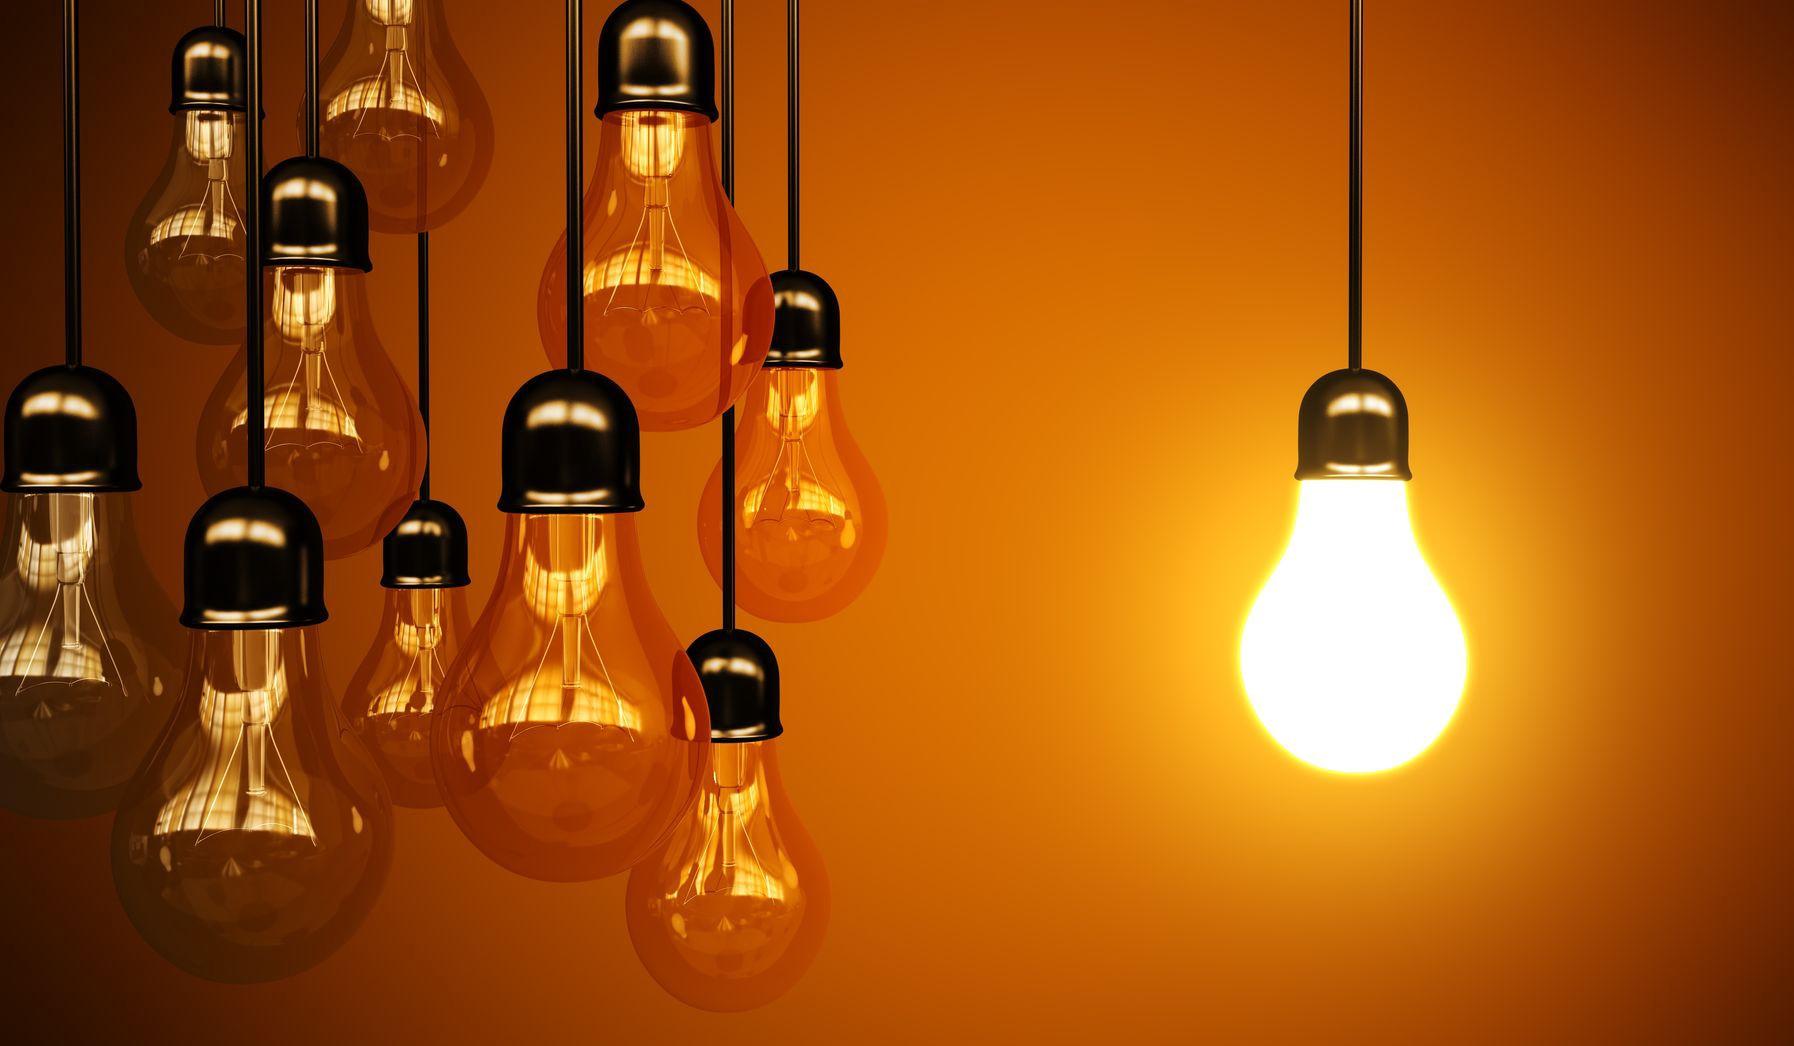 files/images/lightbulbs.jpeg